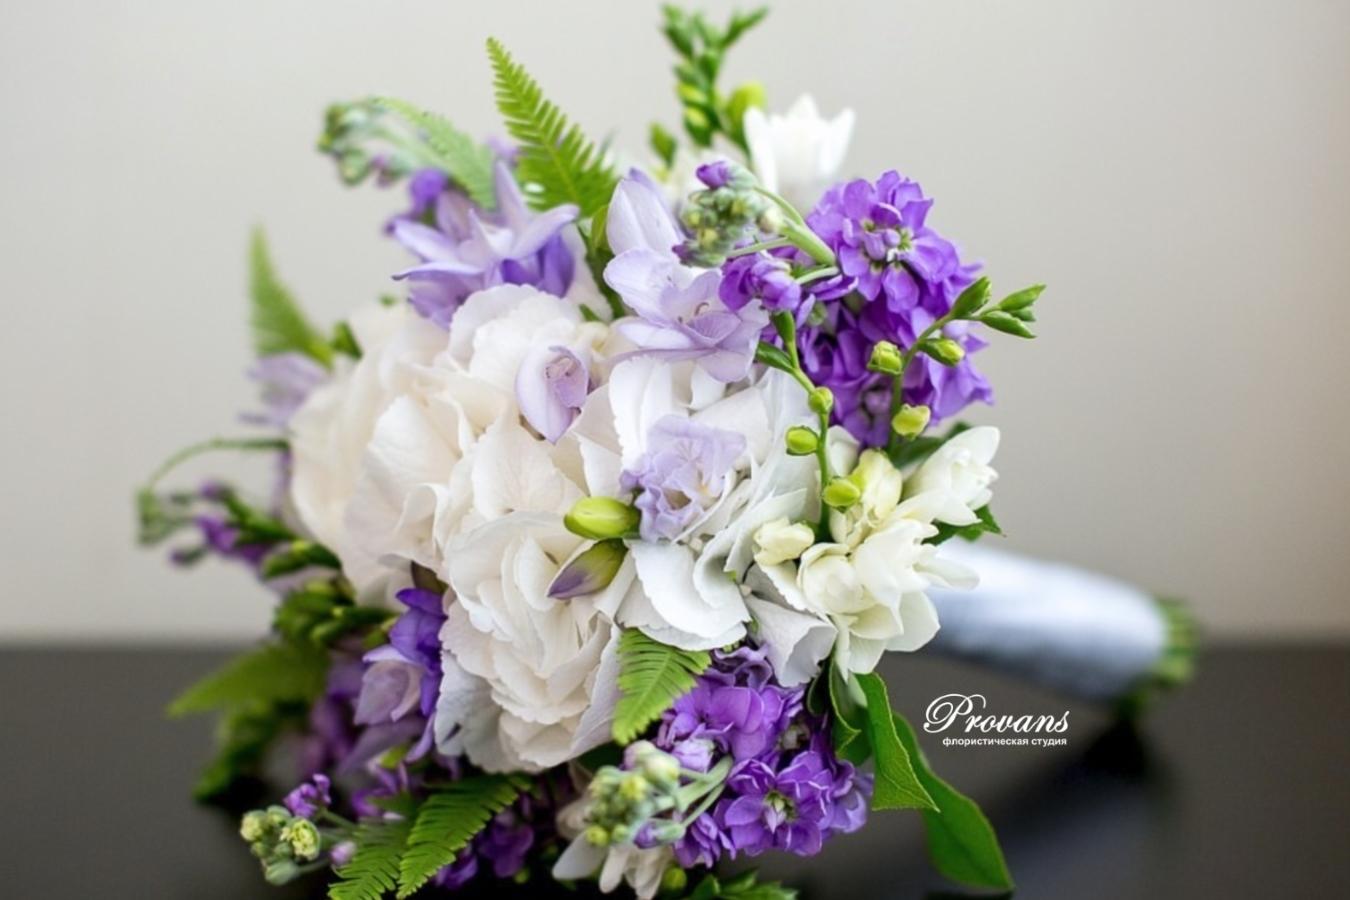 Букет невесты. Фрезия, гортензия, матиола. Сиренево-серый, Lilac Gray